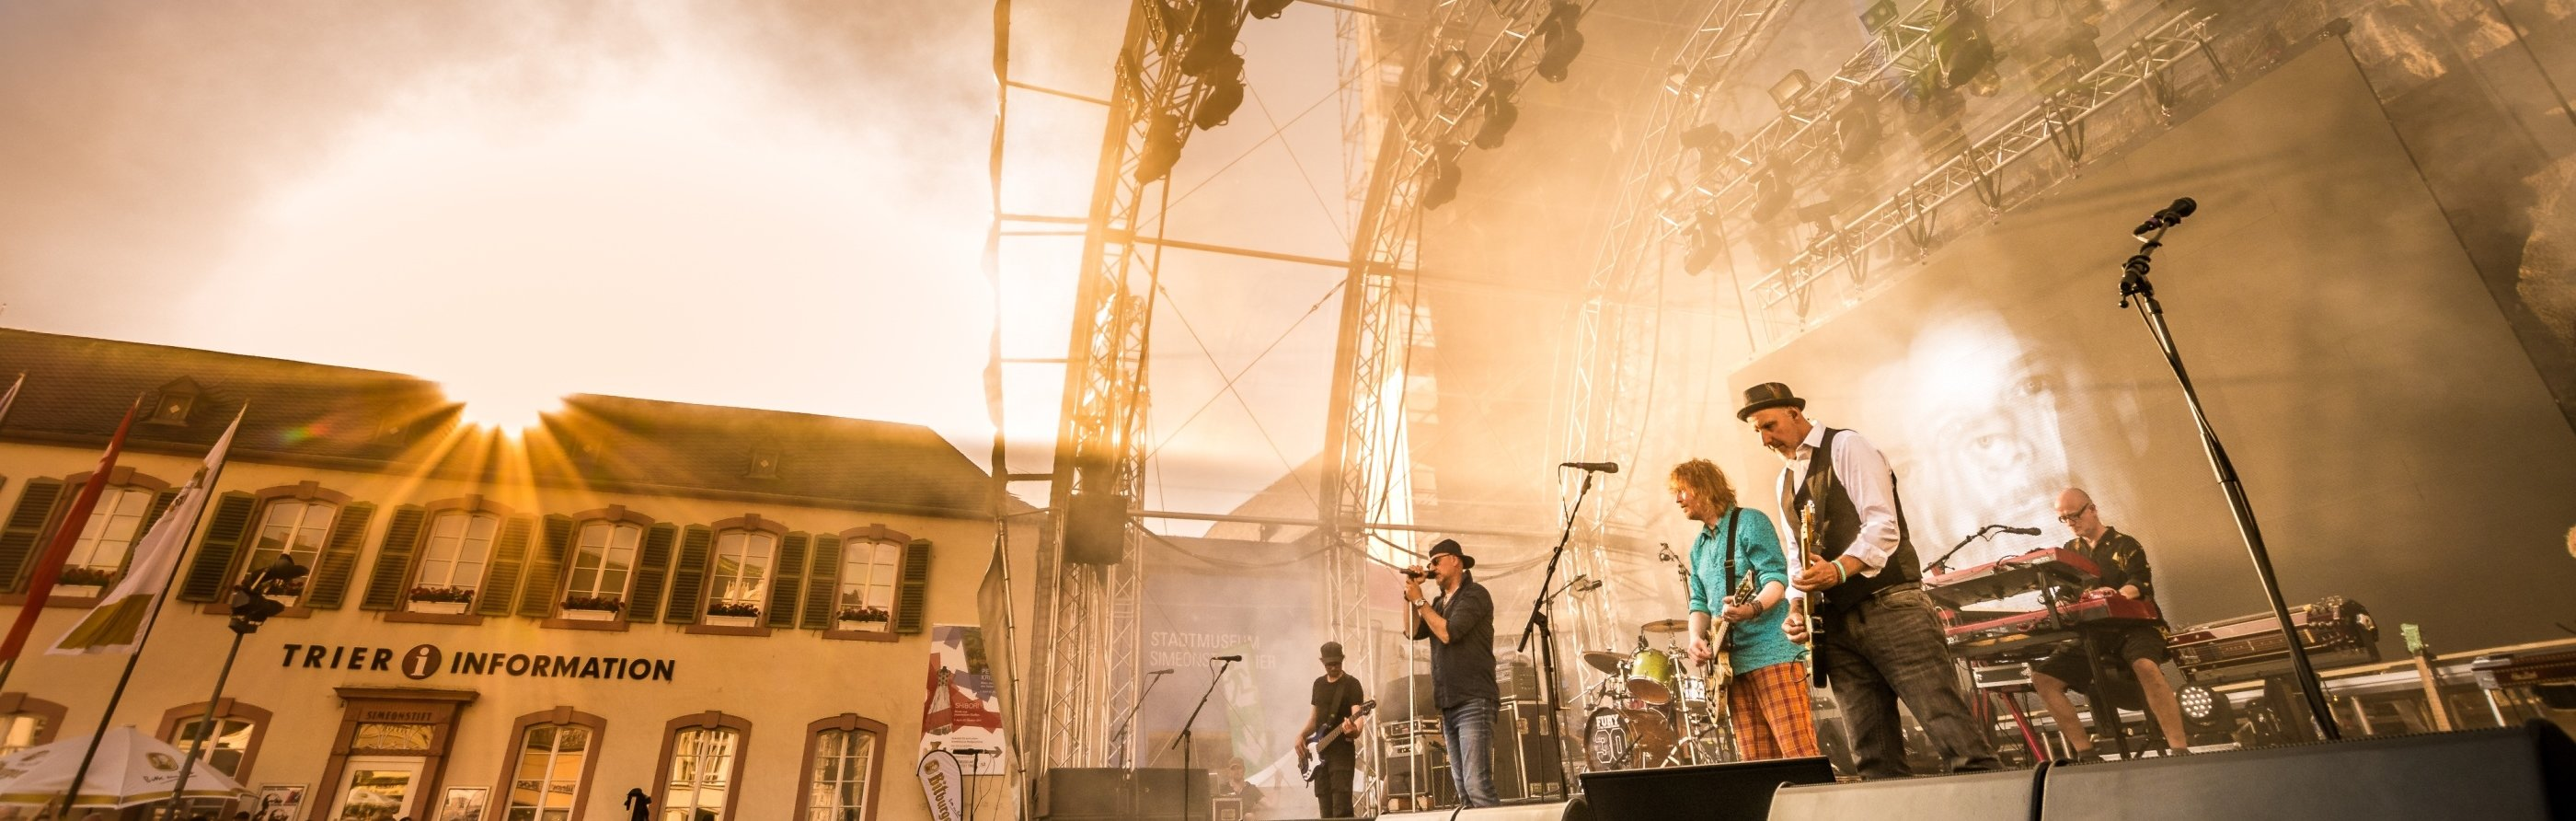 Eine Band spielt auf dem Porta³ Musikfestival in Trier, Römerstadt